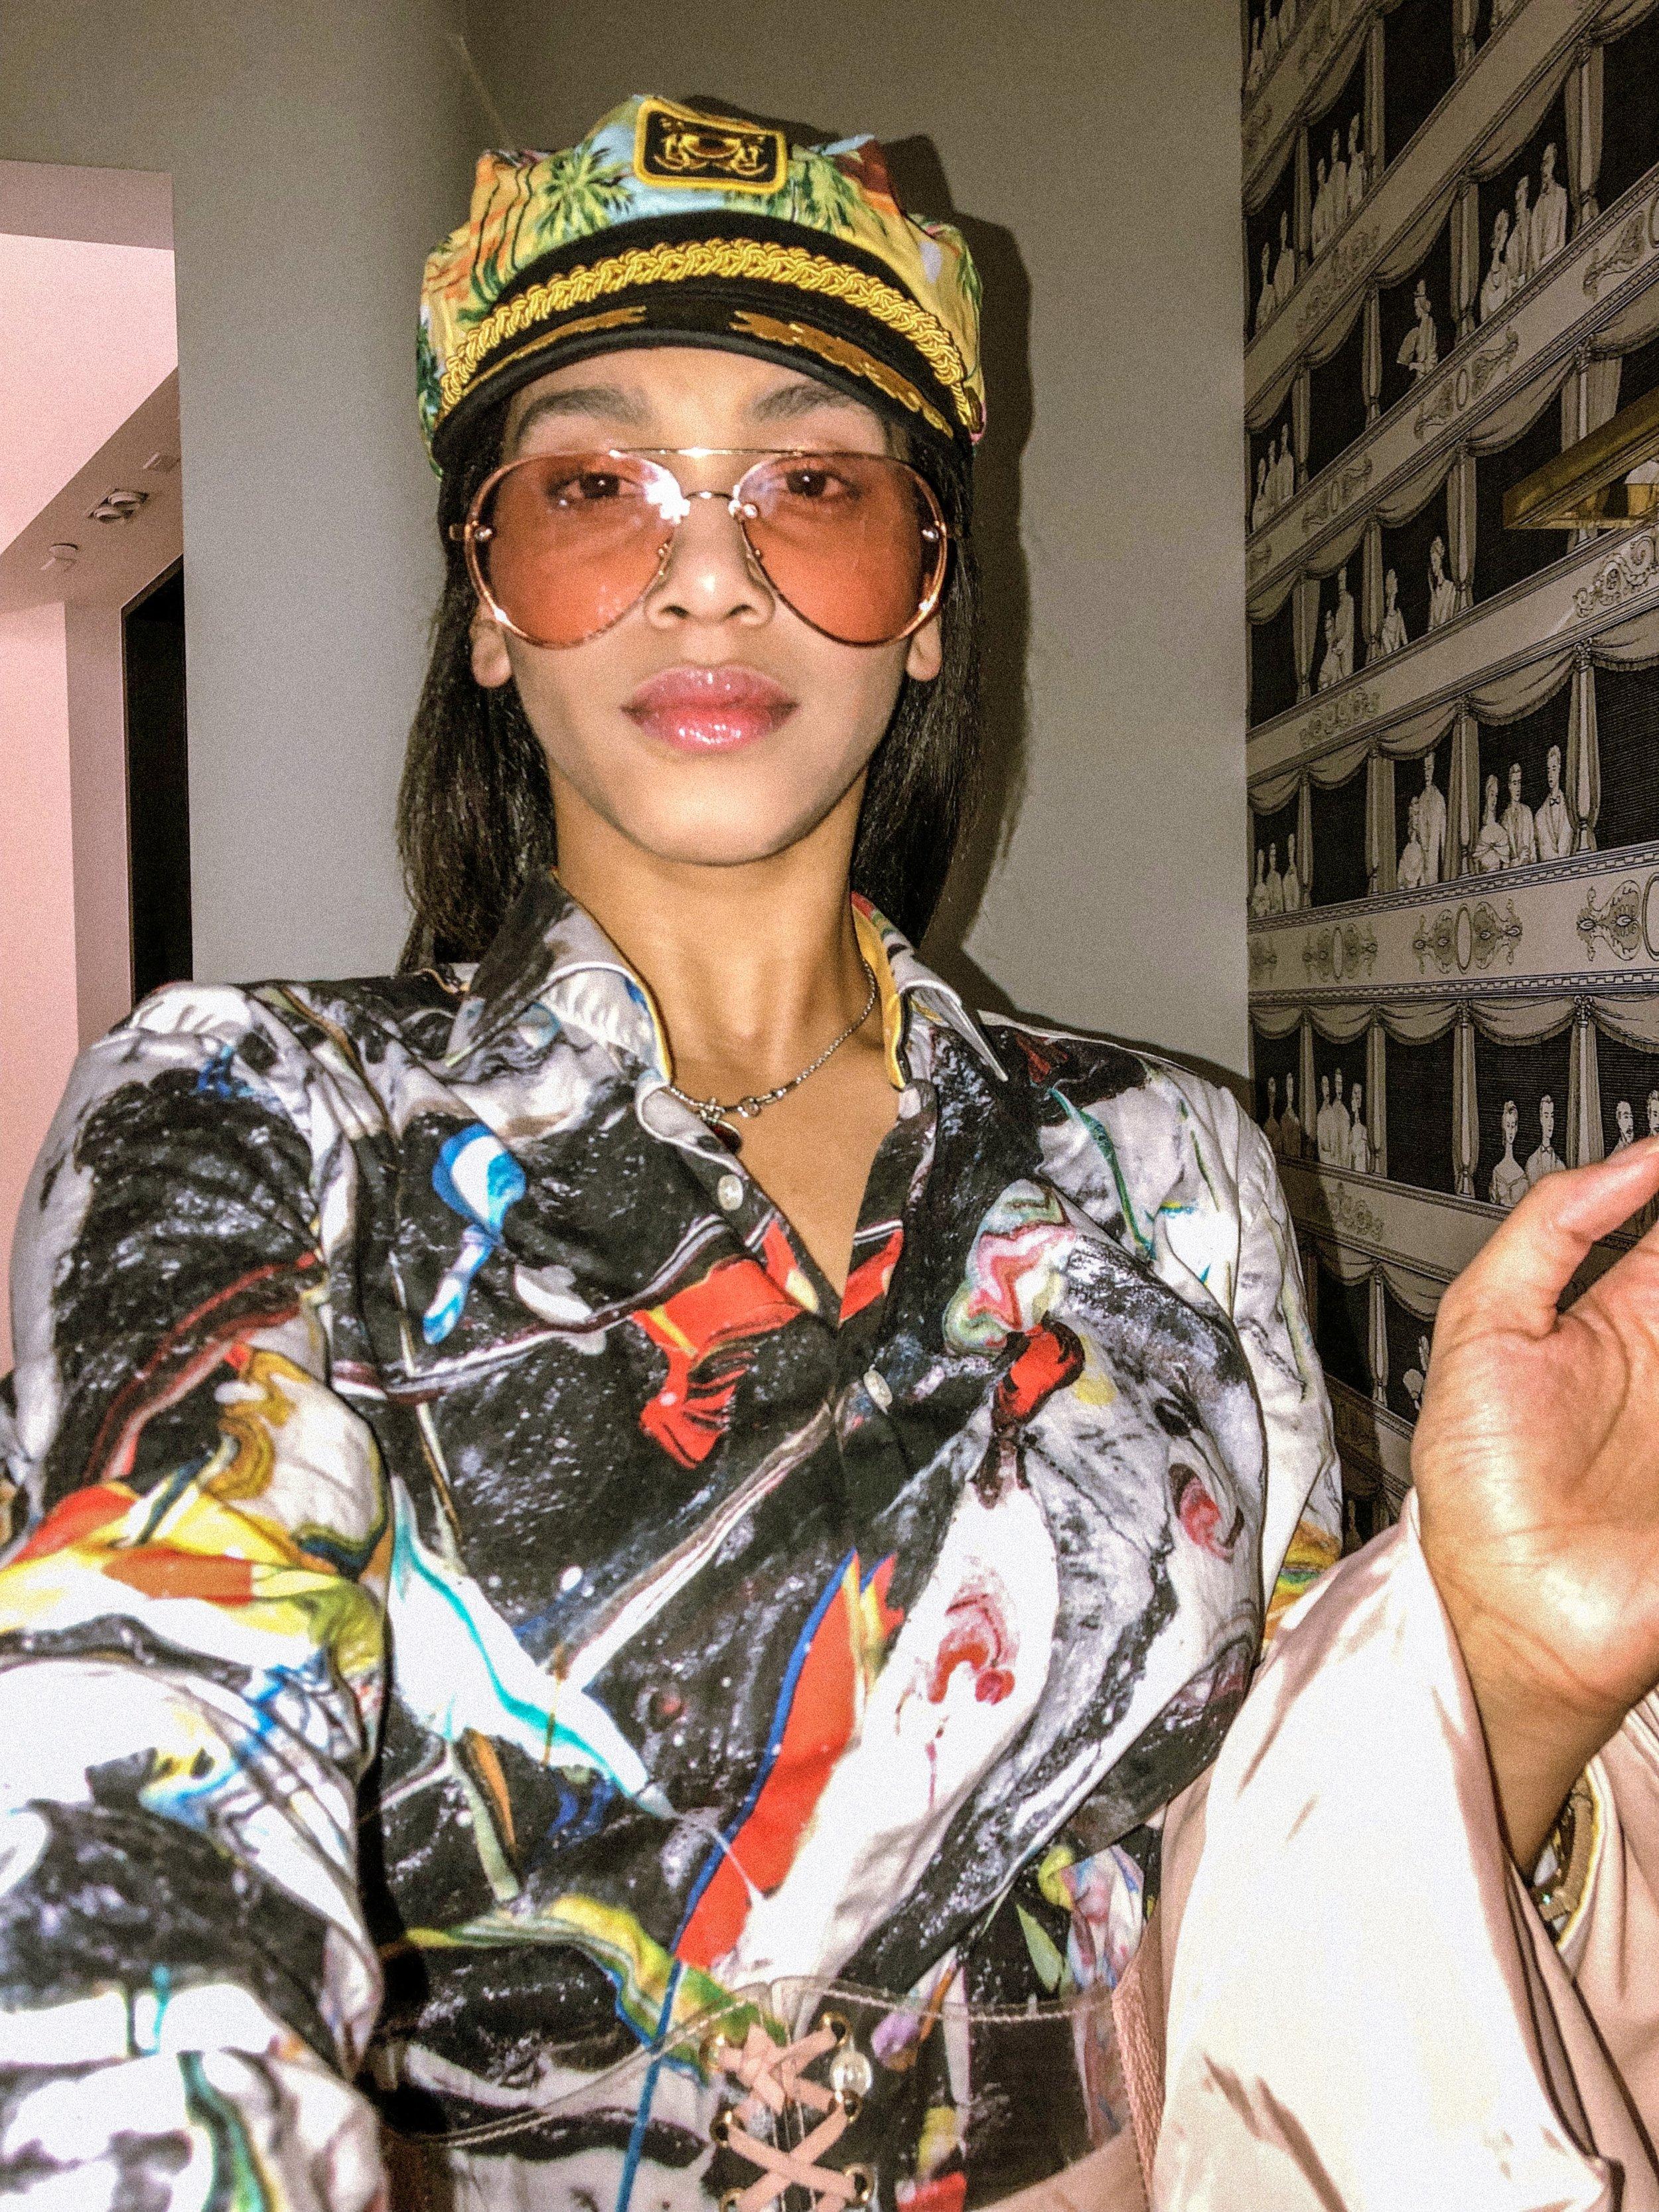 alice-and-olivia-miami-fashion-blogger-stylist-illy-perez-miami-design-district-shop